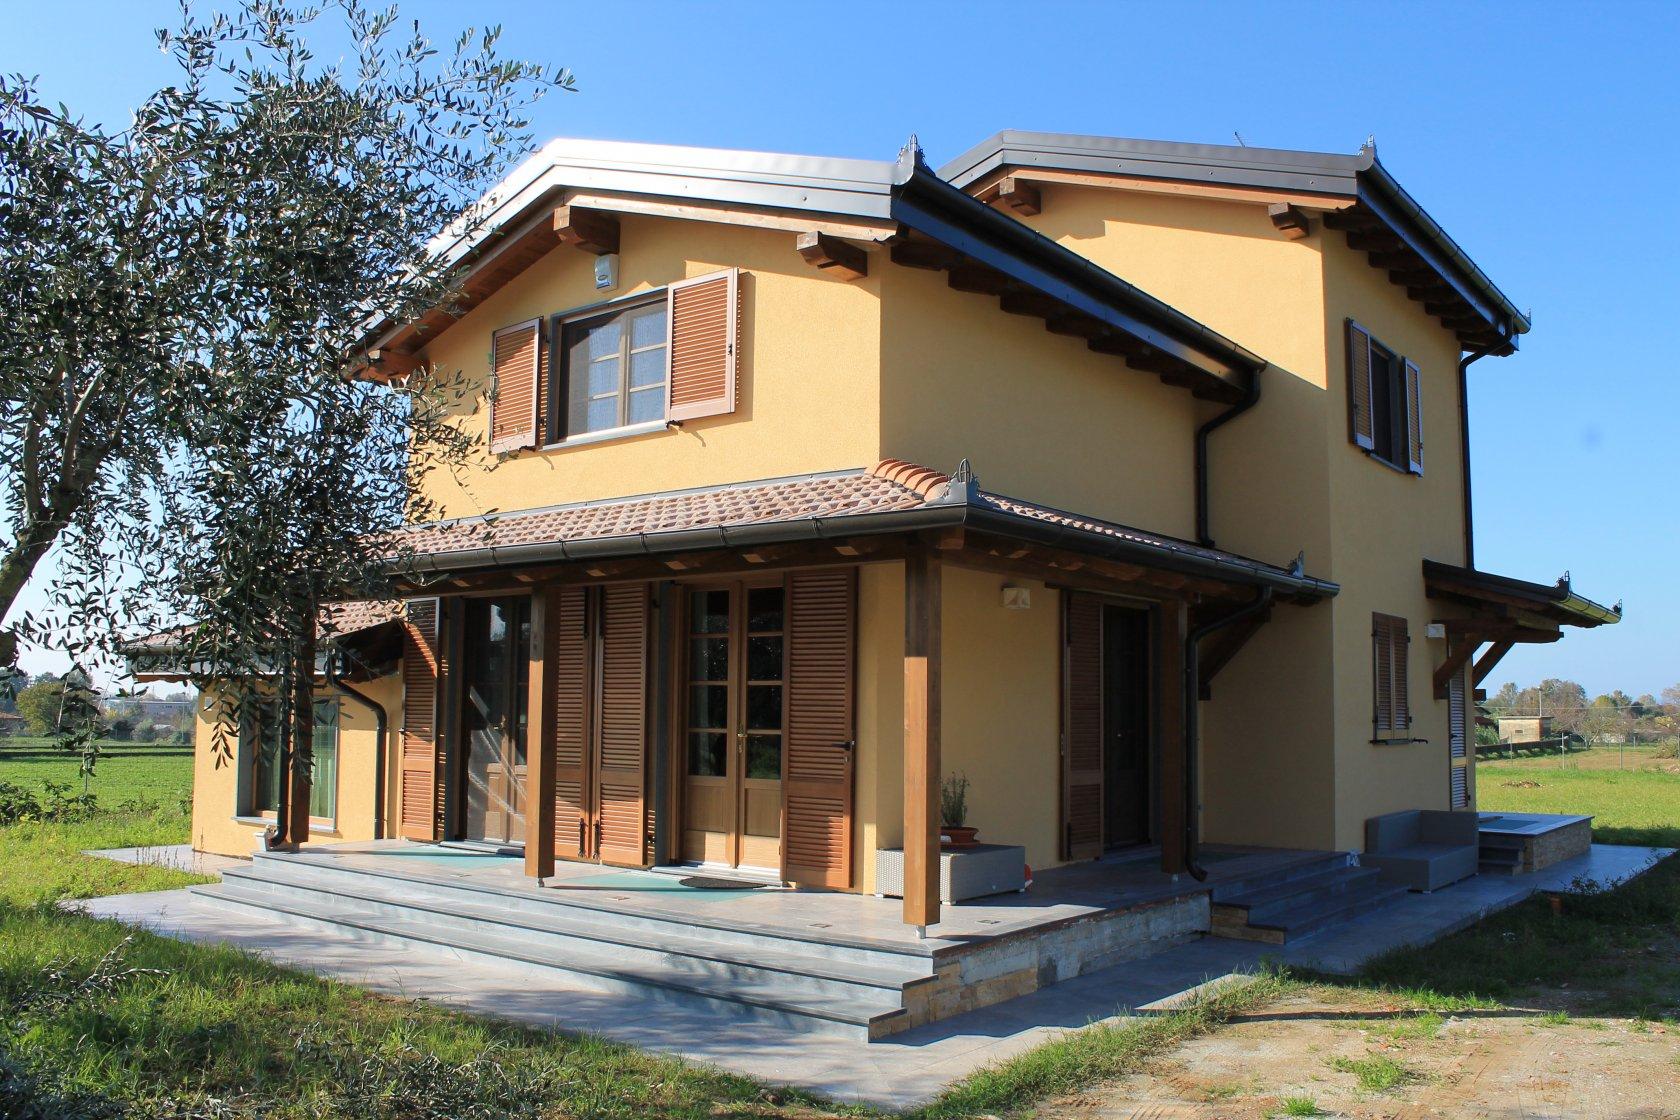 Rquadro case prefabbricate in legno for Vendita case in legno prefabbricate